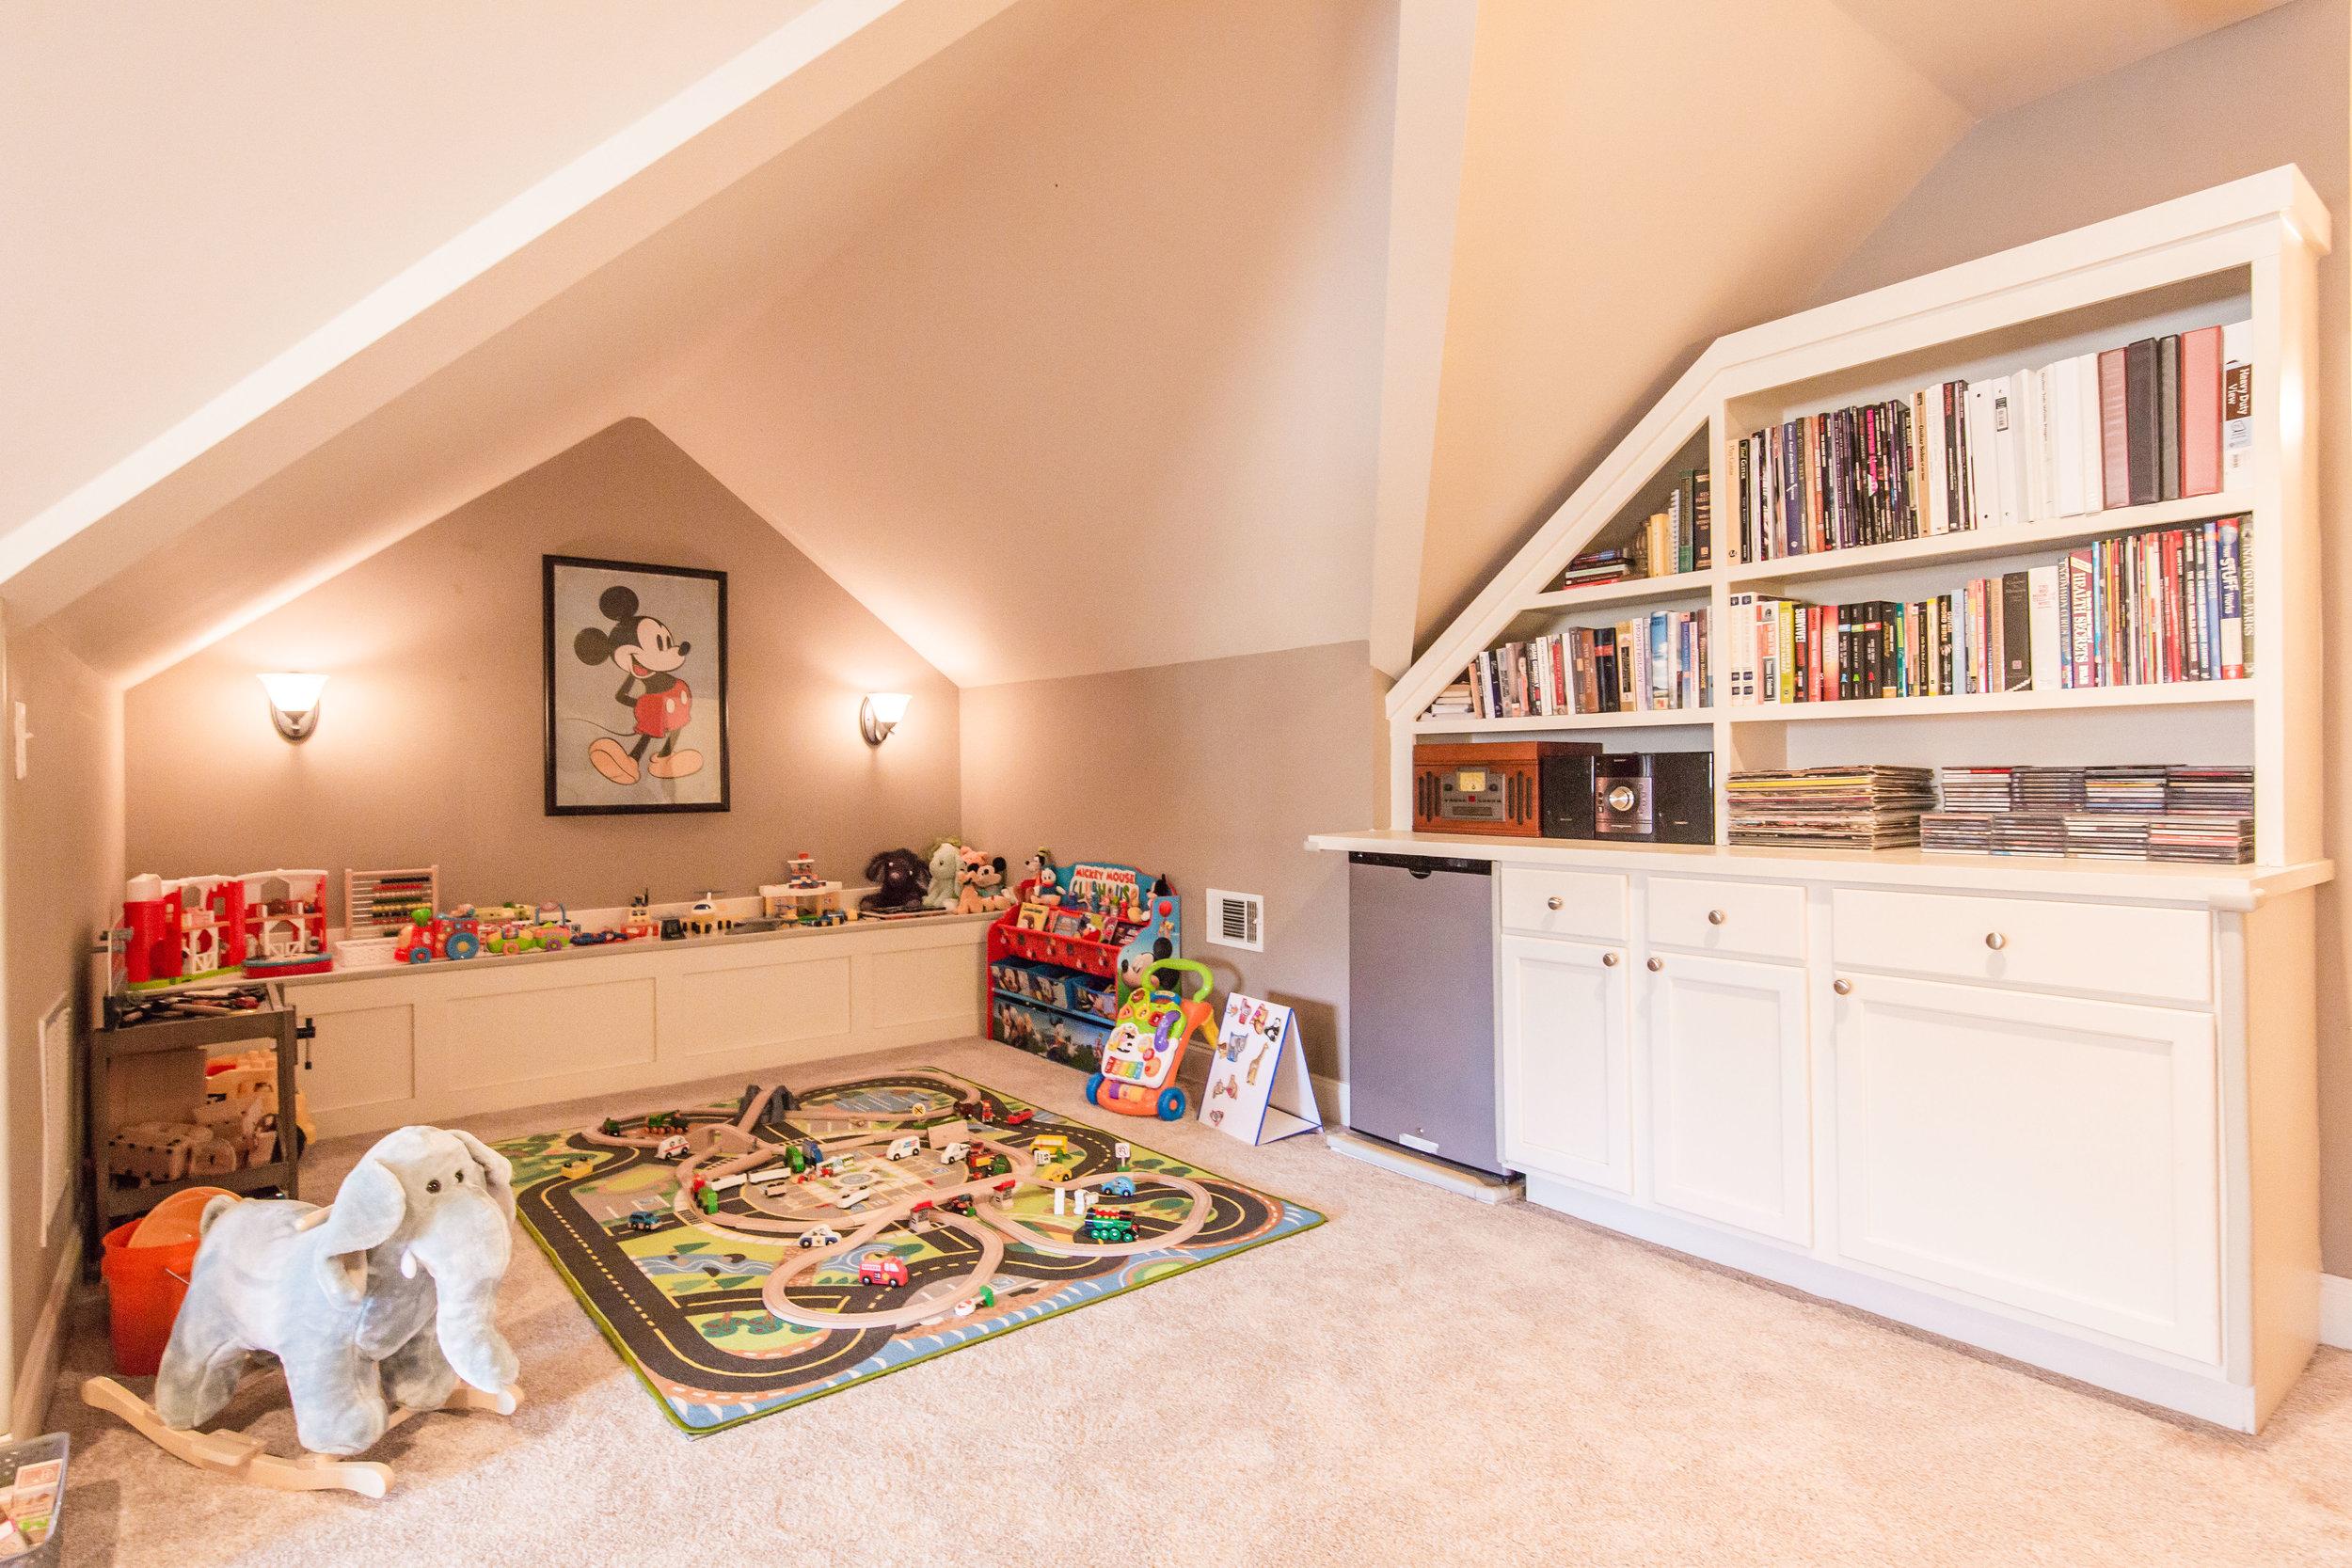 188 Palatka-Bonus Room Detail.jpg